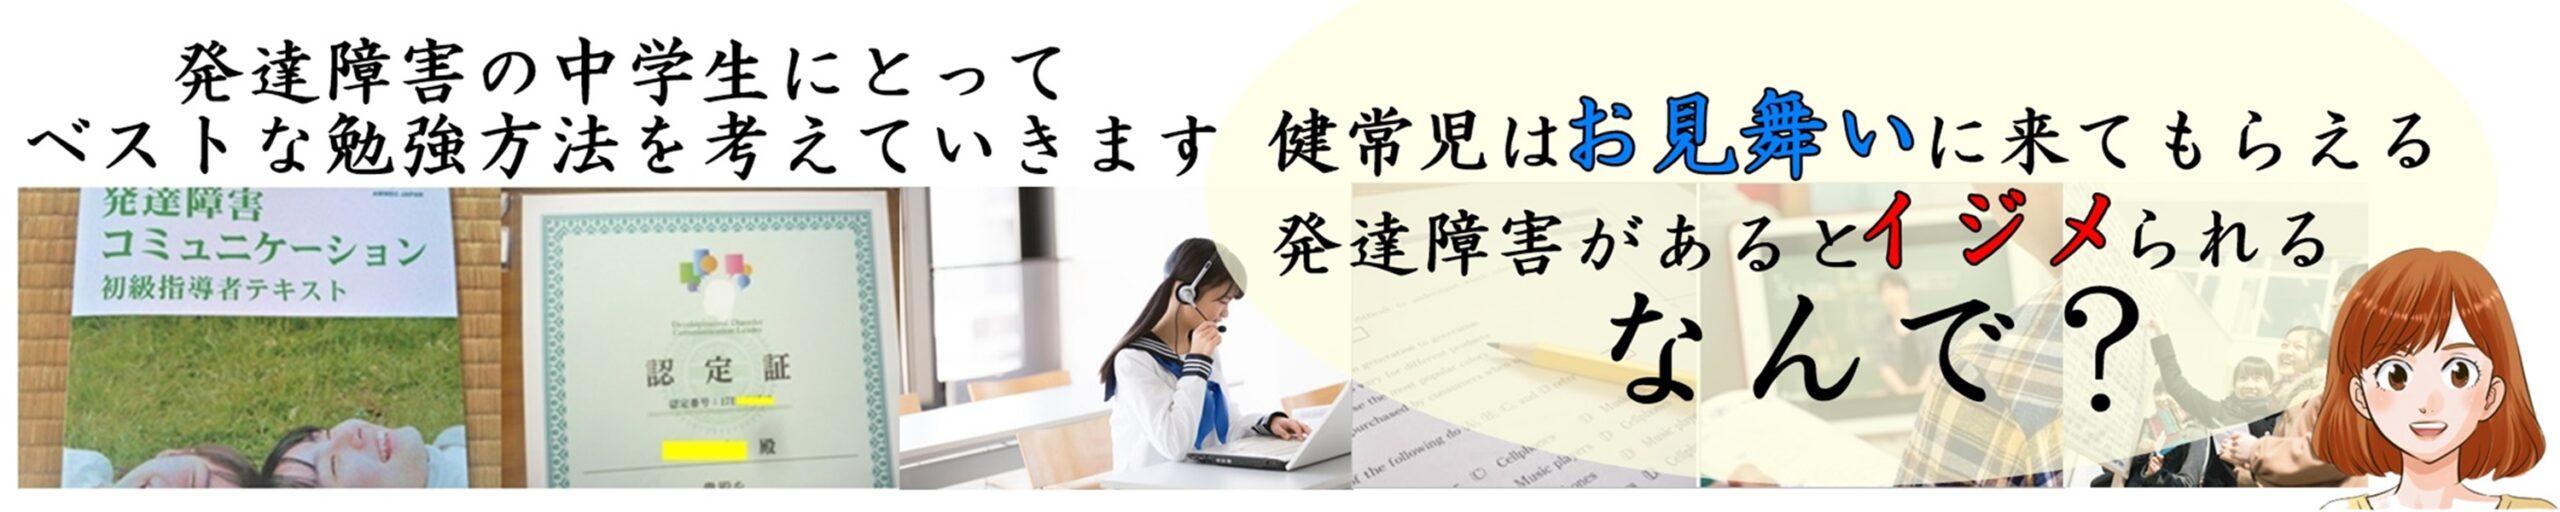 発達障害のある中学生へ勉強を考えるブログ